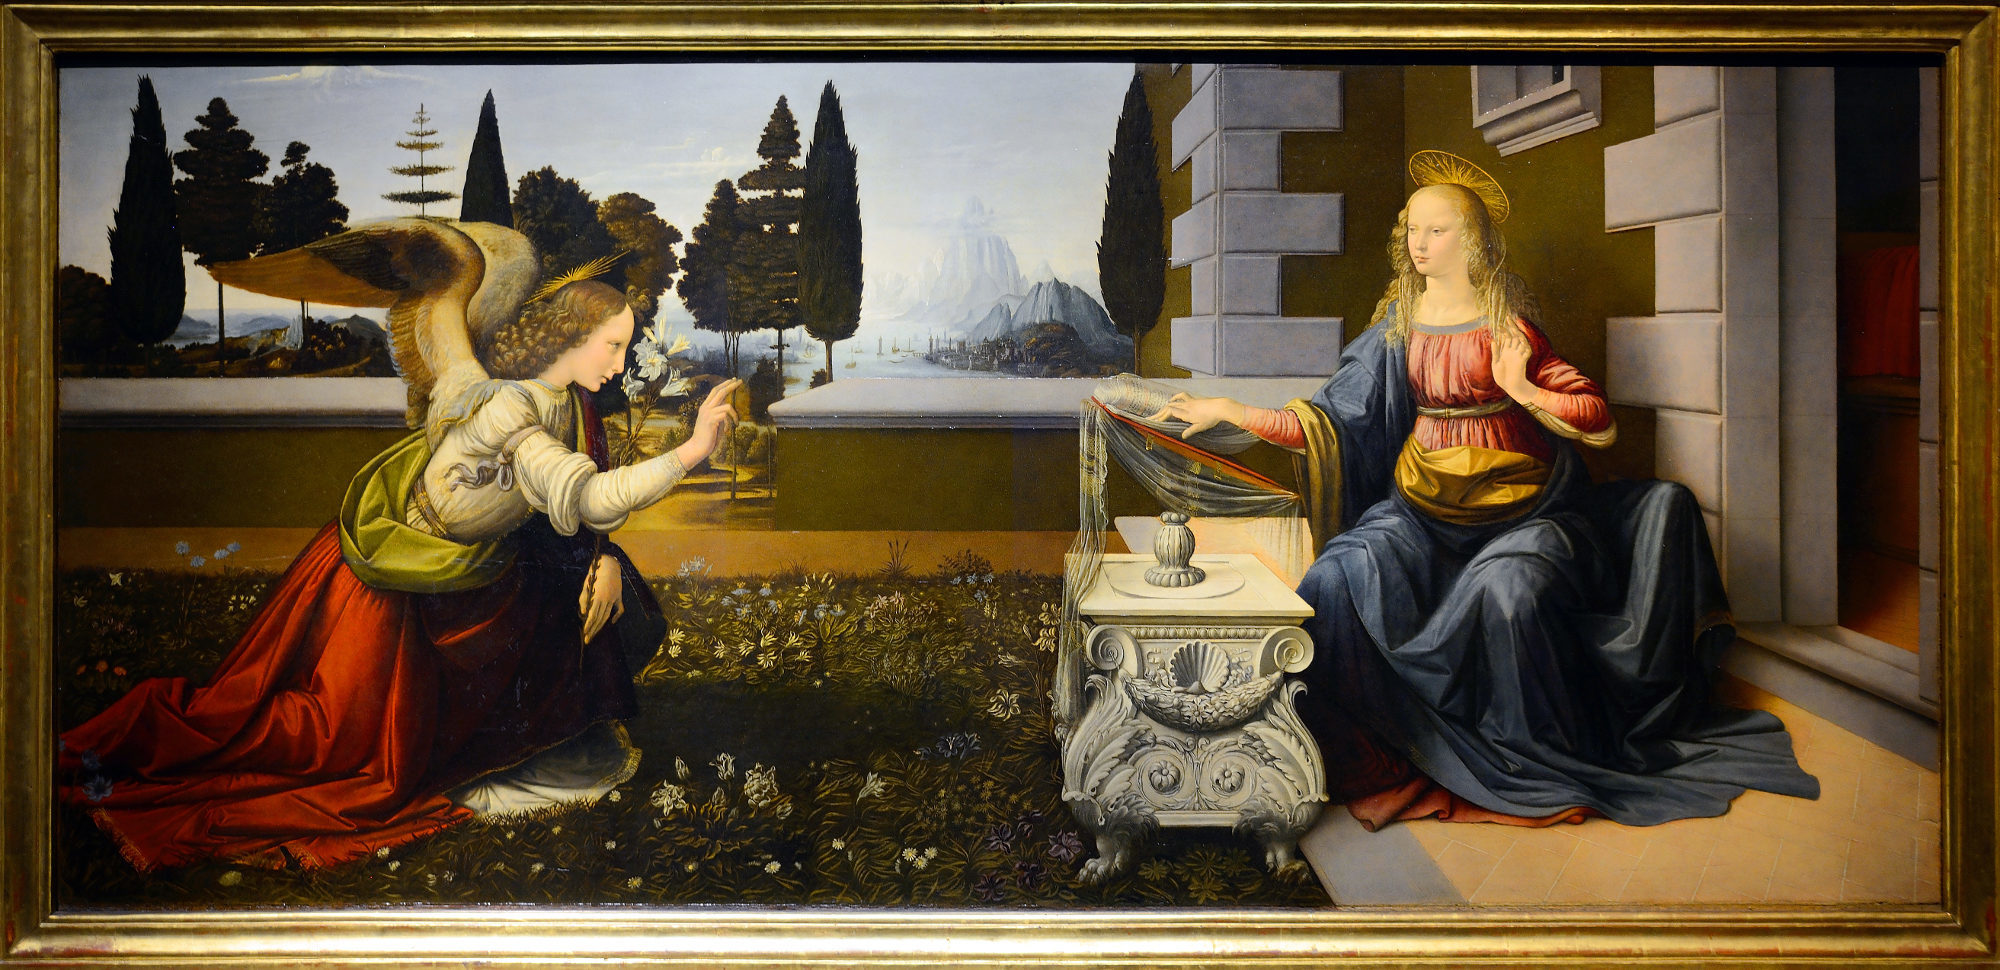 La Anunciación, de Leonardo Da Vinci, será una de las 162 obras expuestas en la exposición del Museo del Louvre.